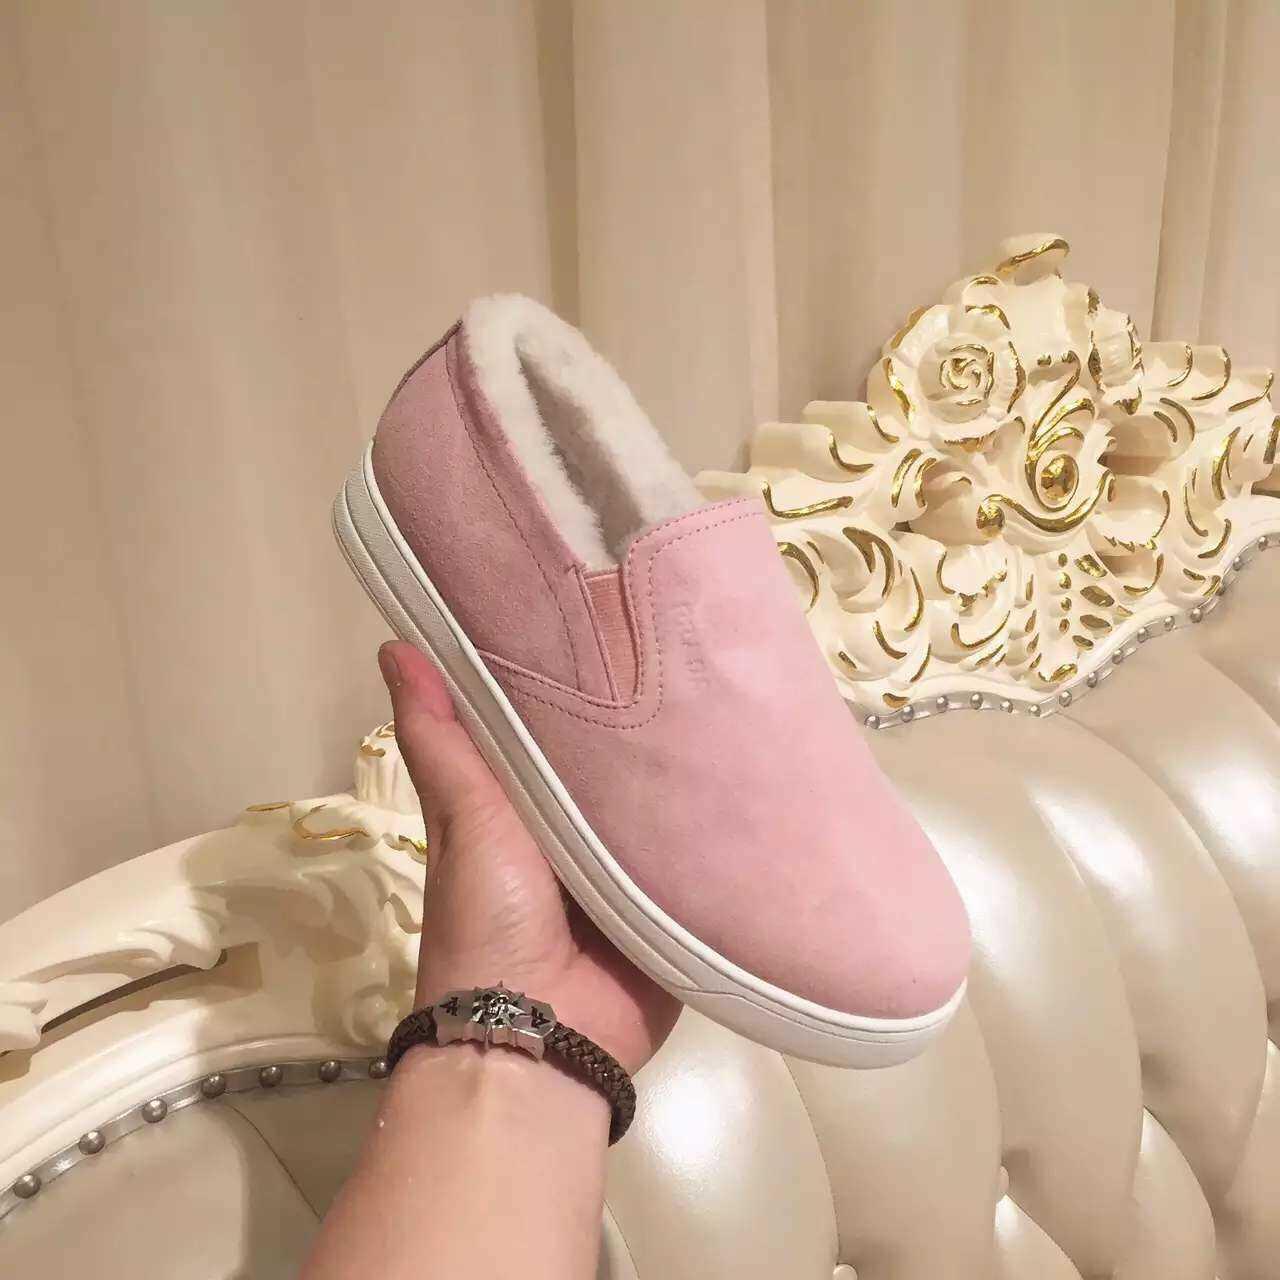 PRADA 2015冬季新款超细纹羊京皮休闲鞋_乐福鞋